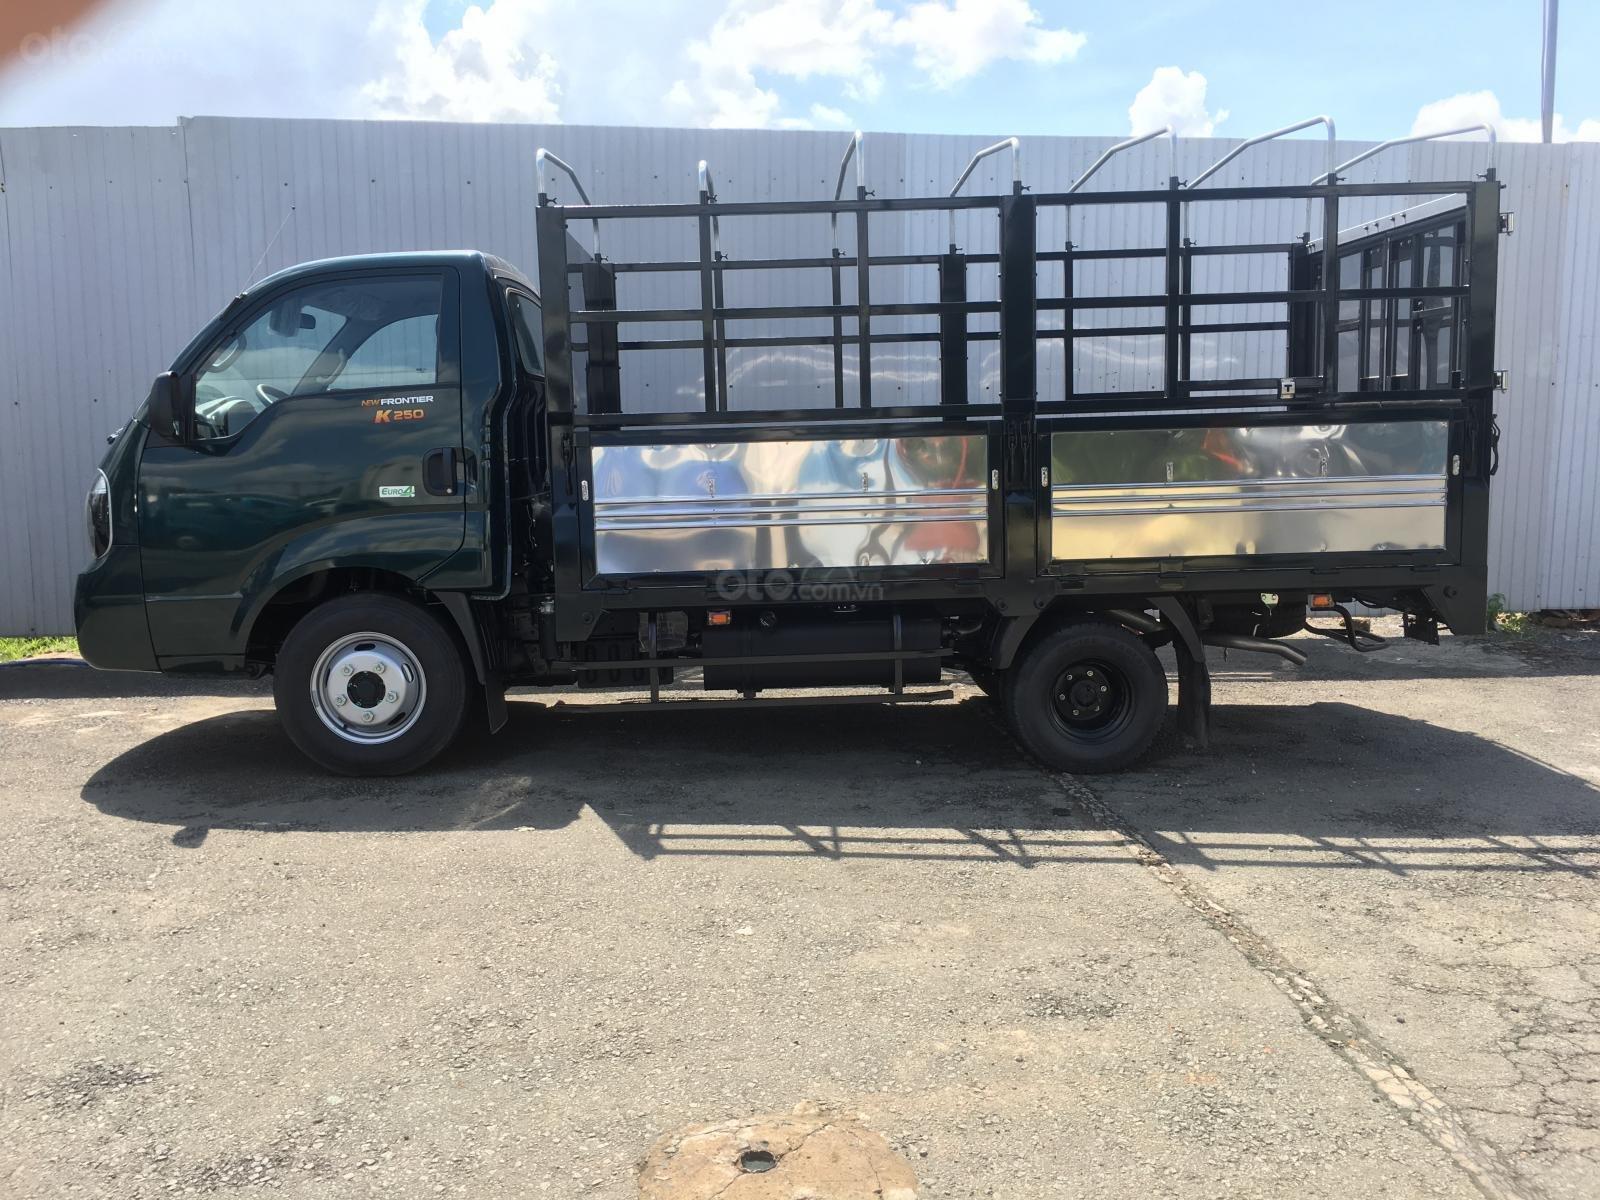 Bán xe tải K250 động cơ Hyundai đời 2019, có hỗ trợ trả góp. LH: 0944.813.912 (3)